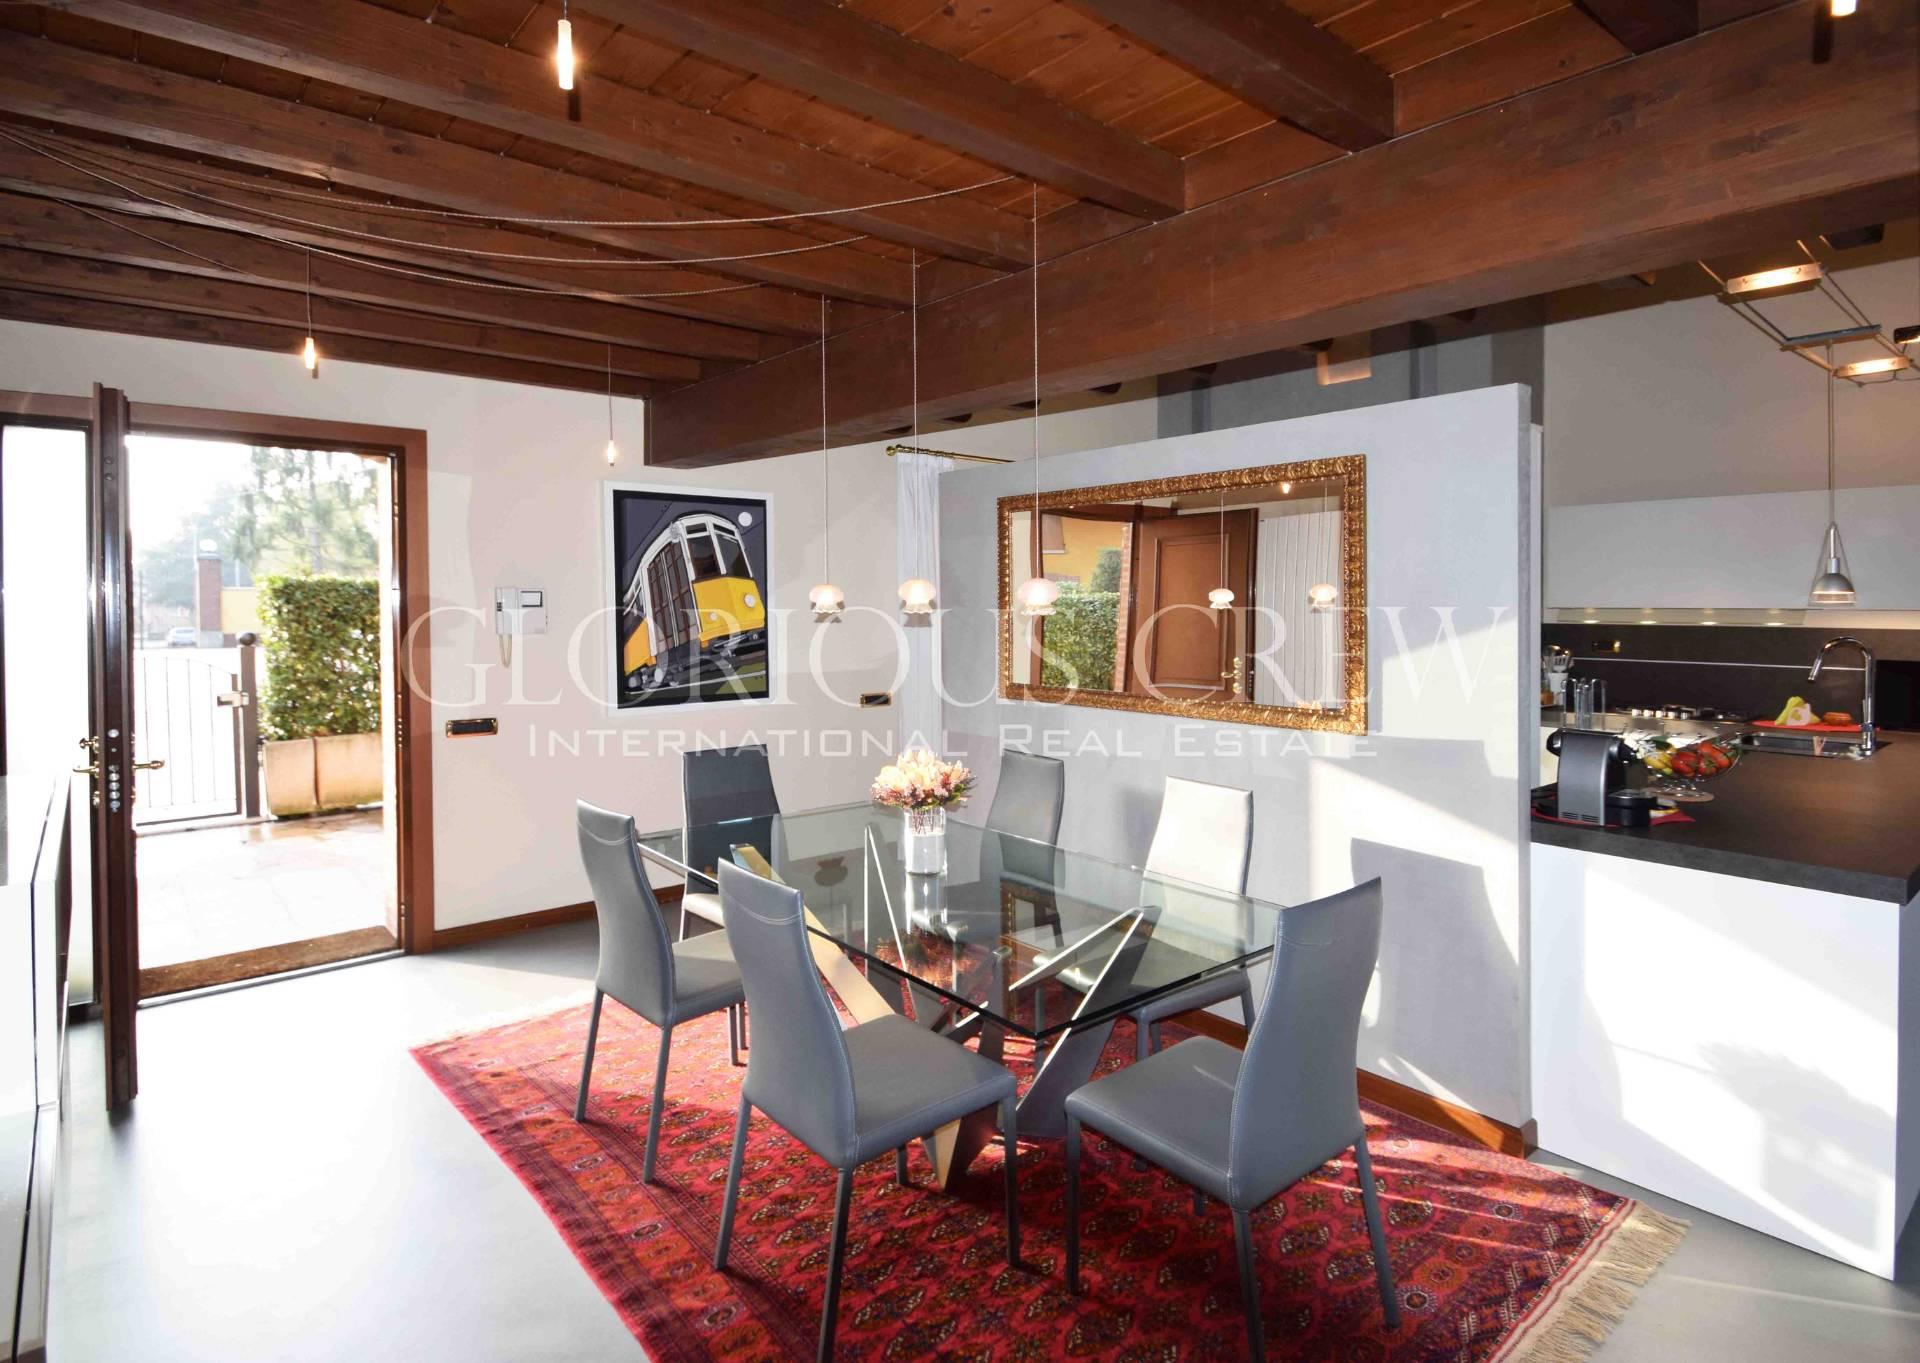 Casa indipendente in Vendita a Triuggio: 5 locali, 200 mq